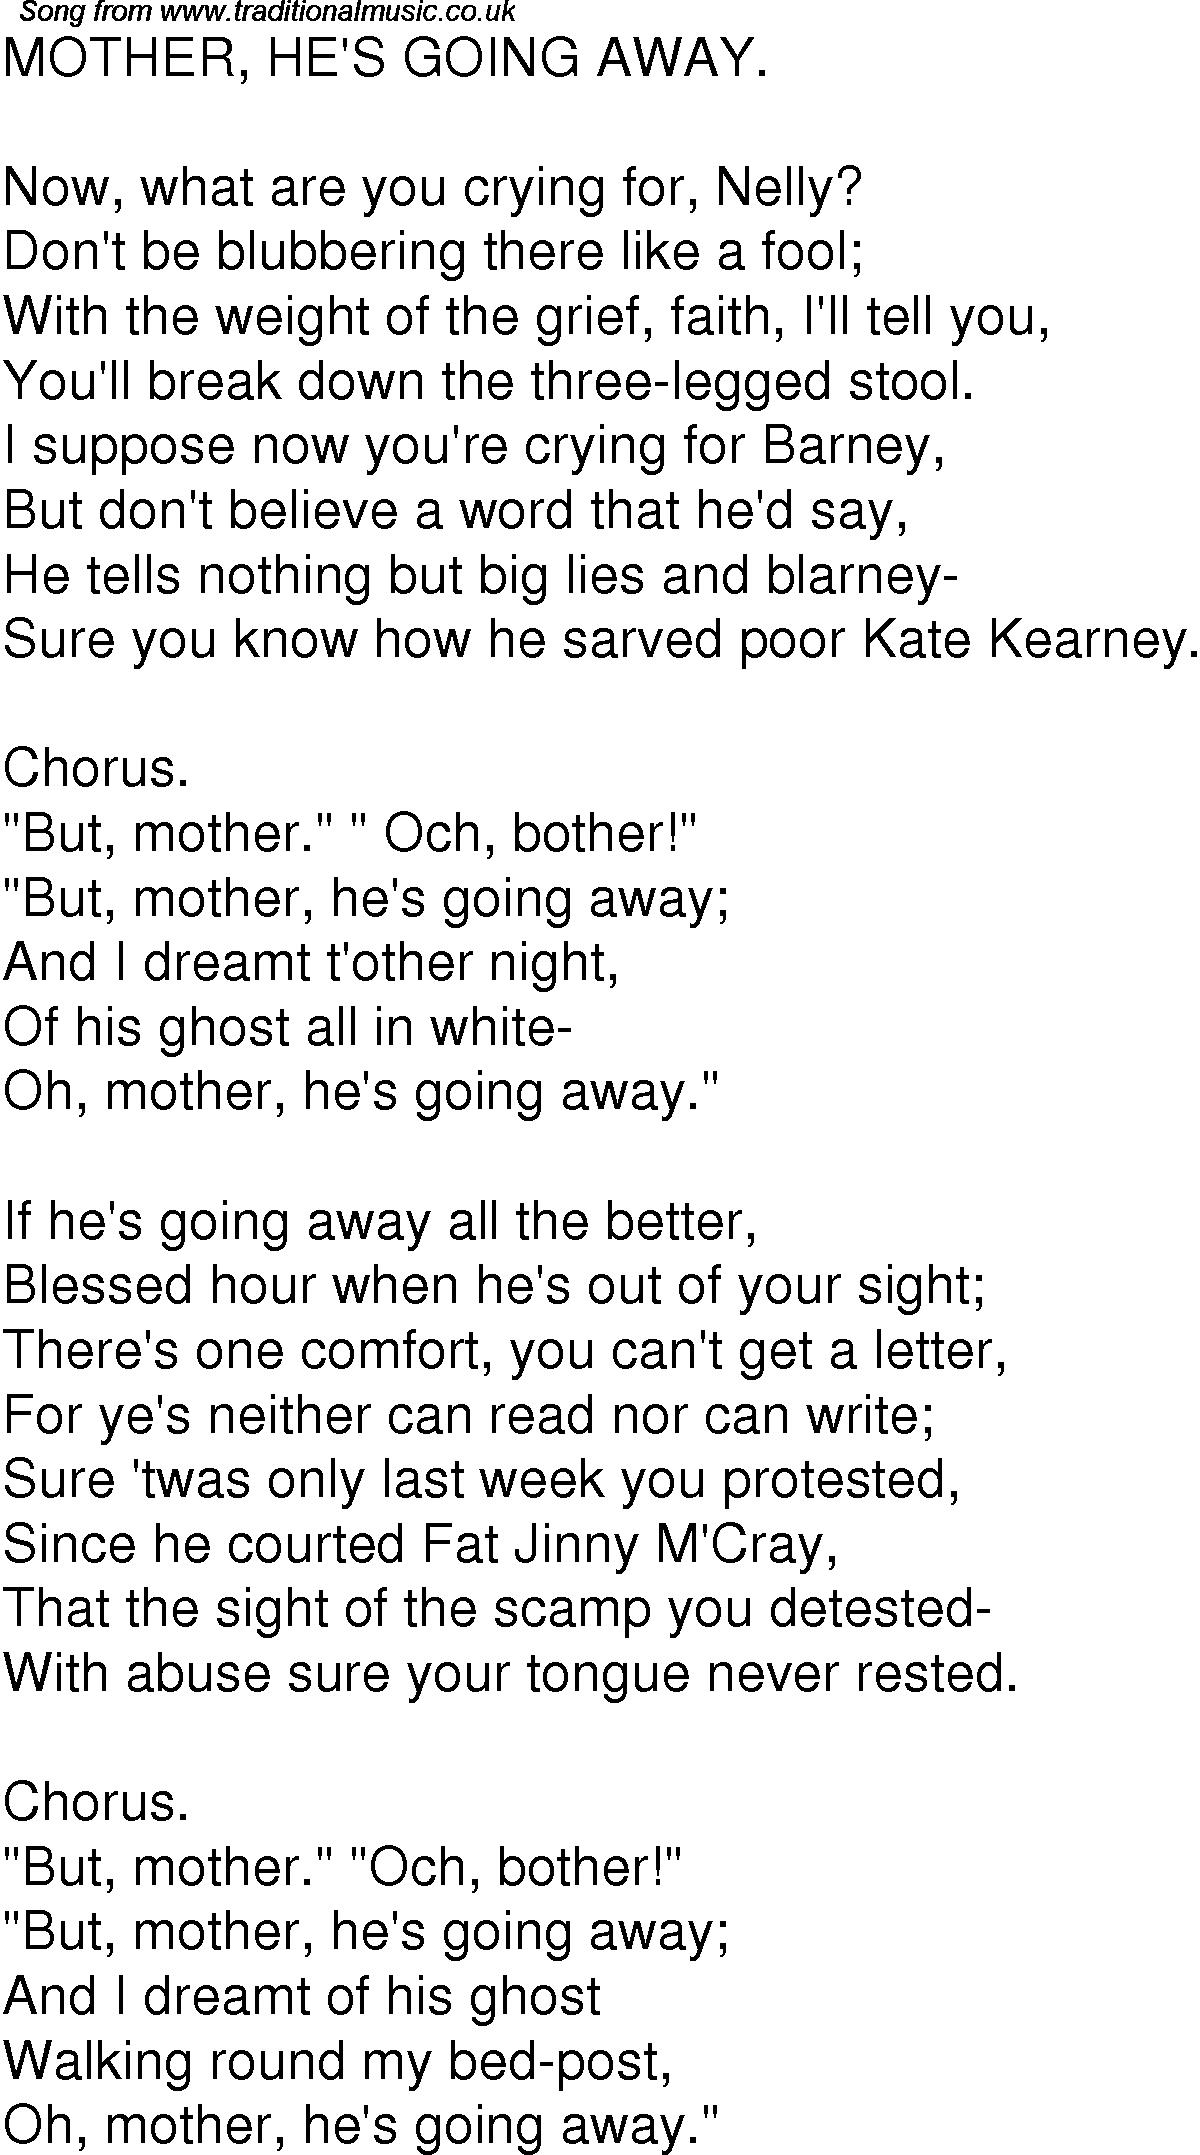 old time song lyrics